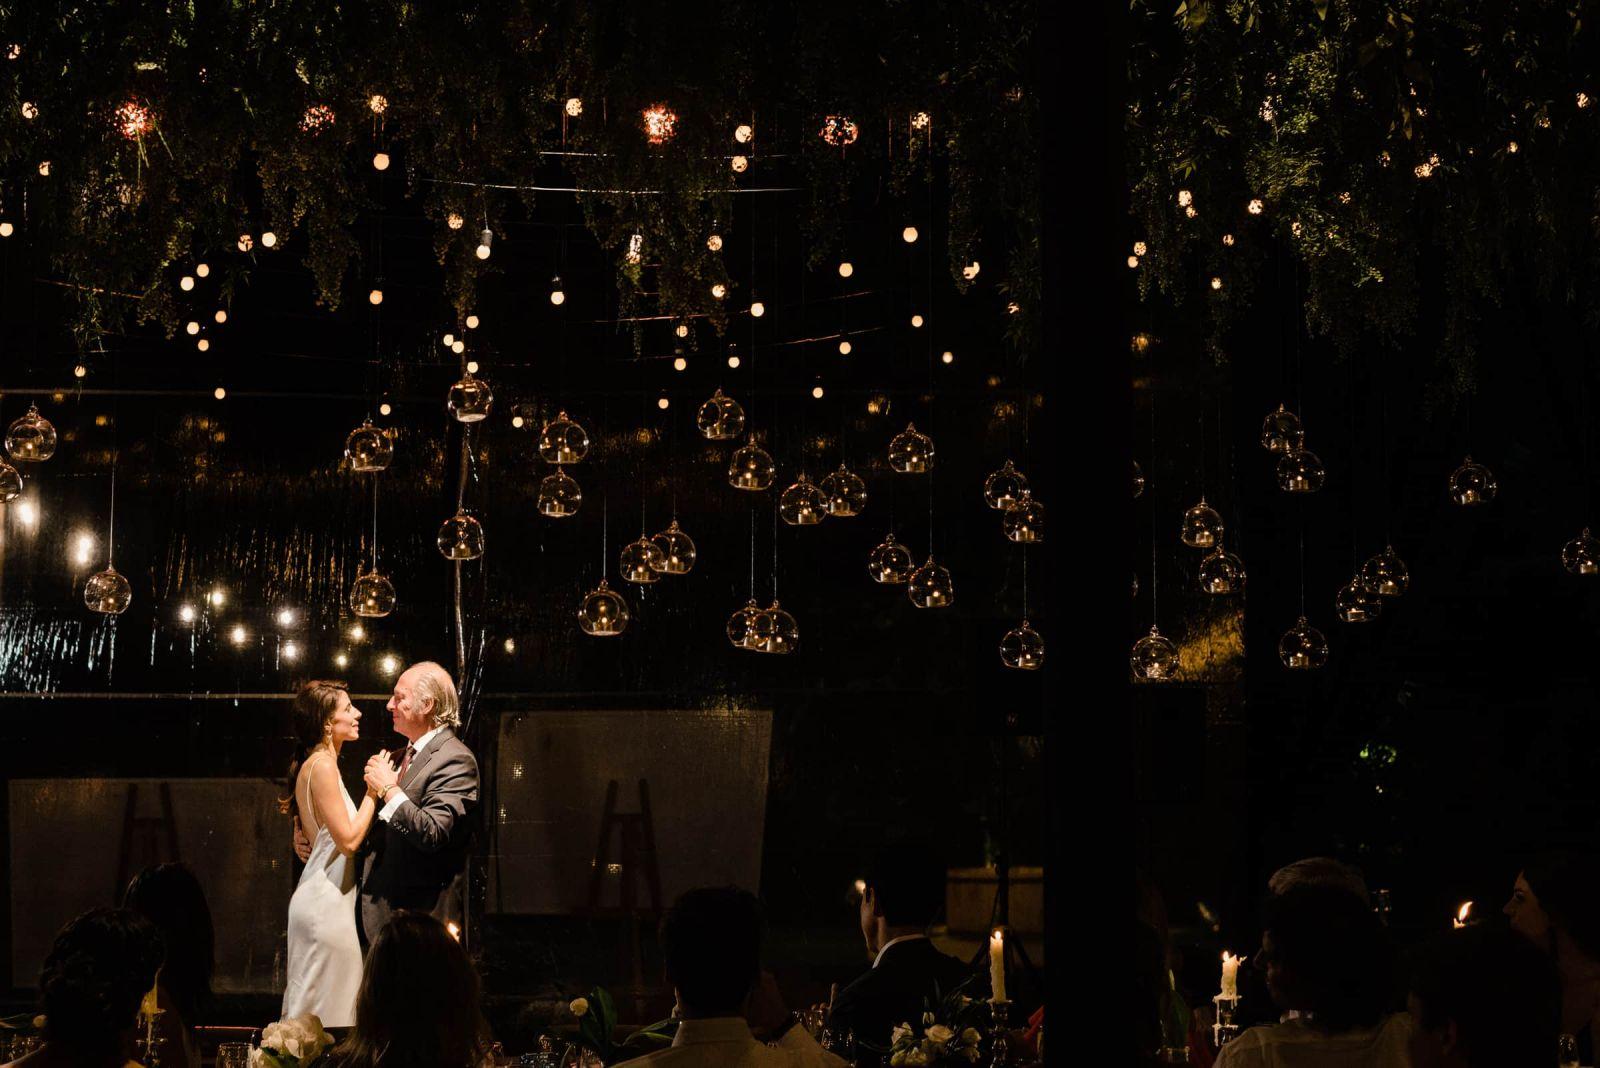 fotografia matrimonio santiago de chile